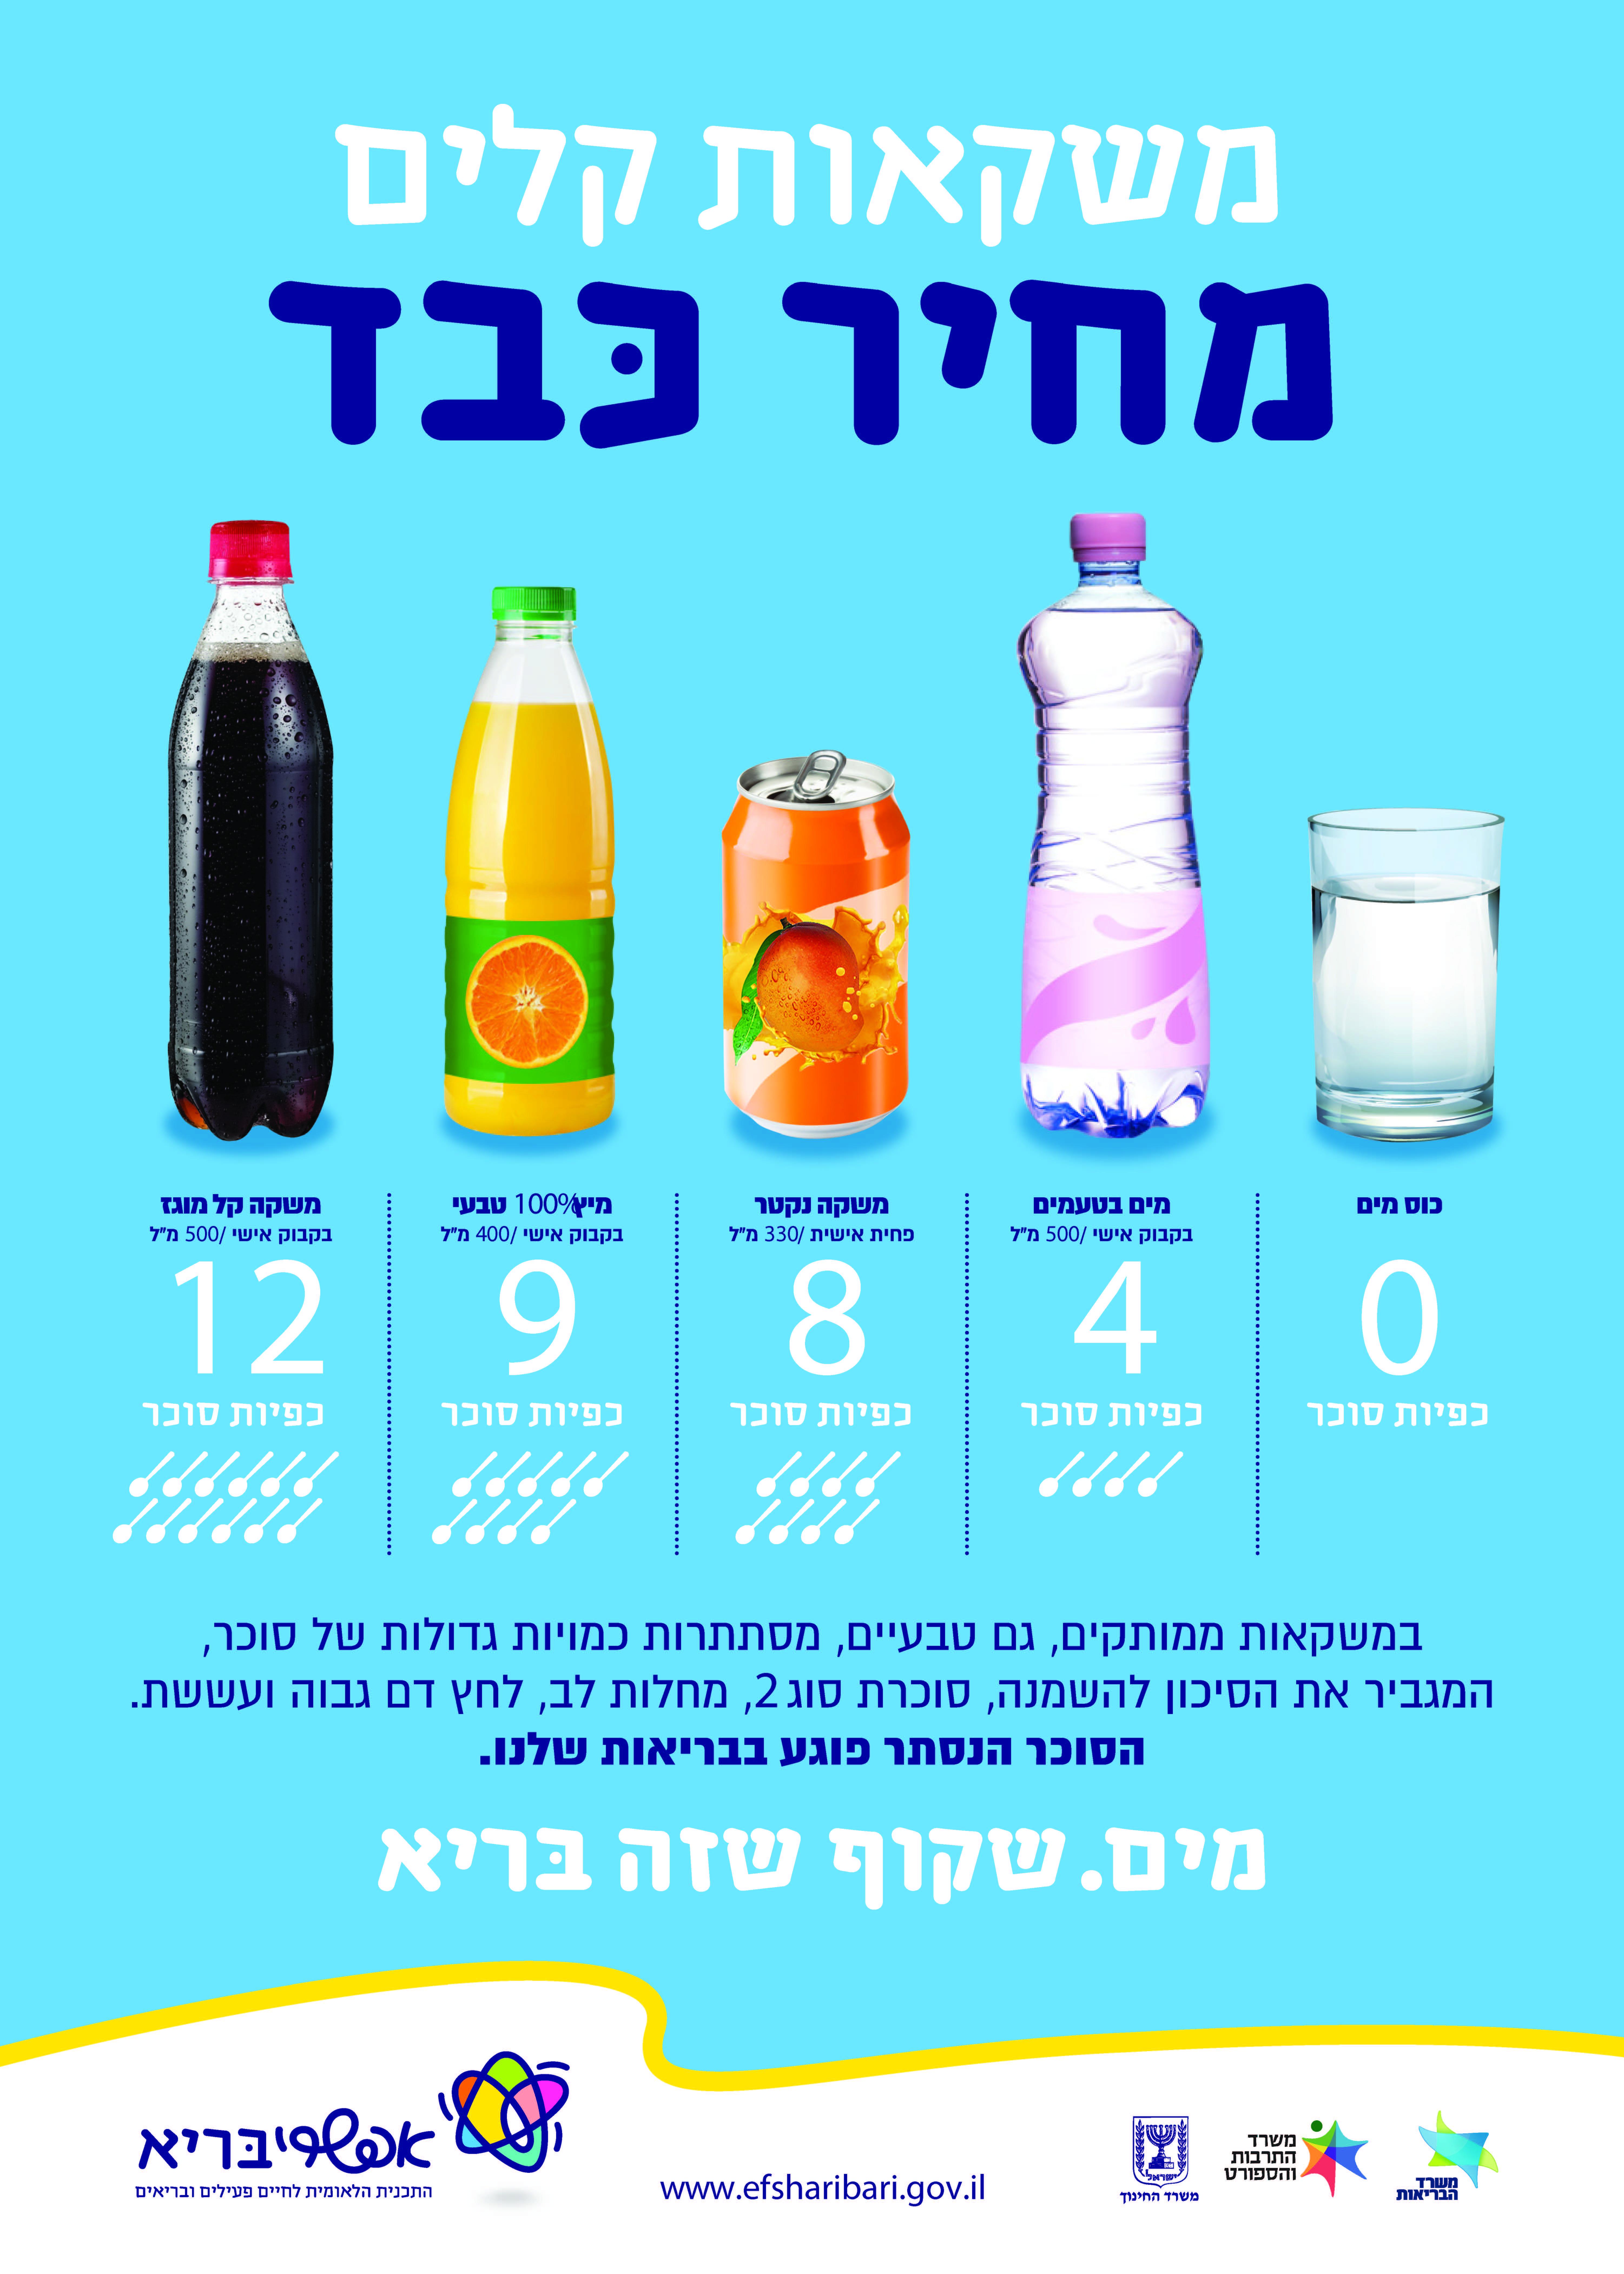 משקאות קלים מחיר כבד